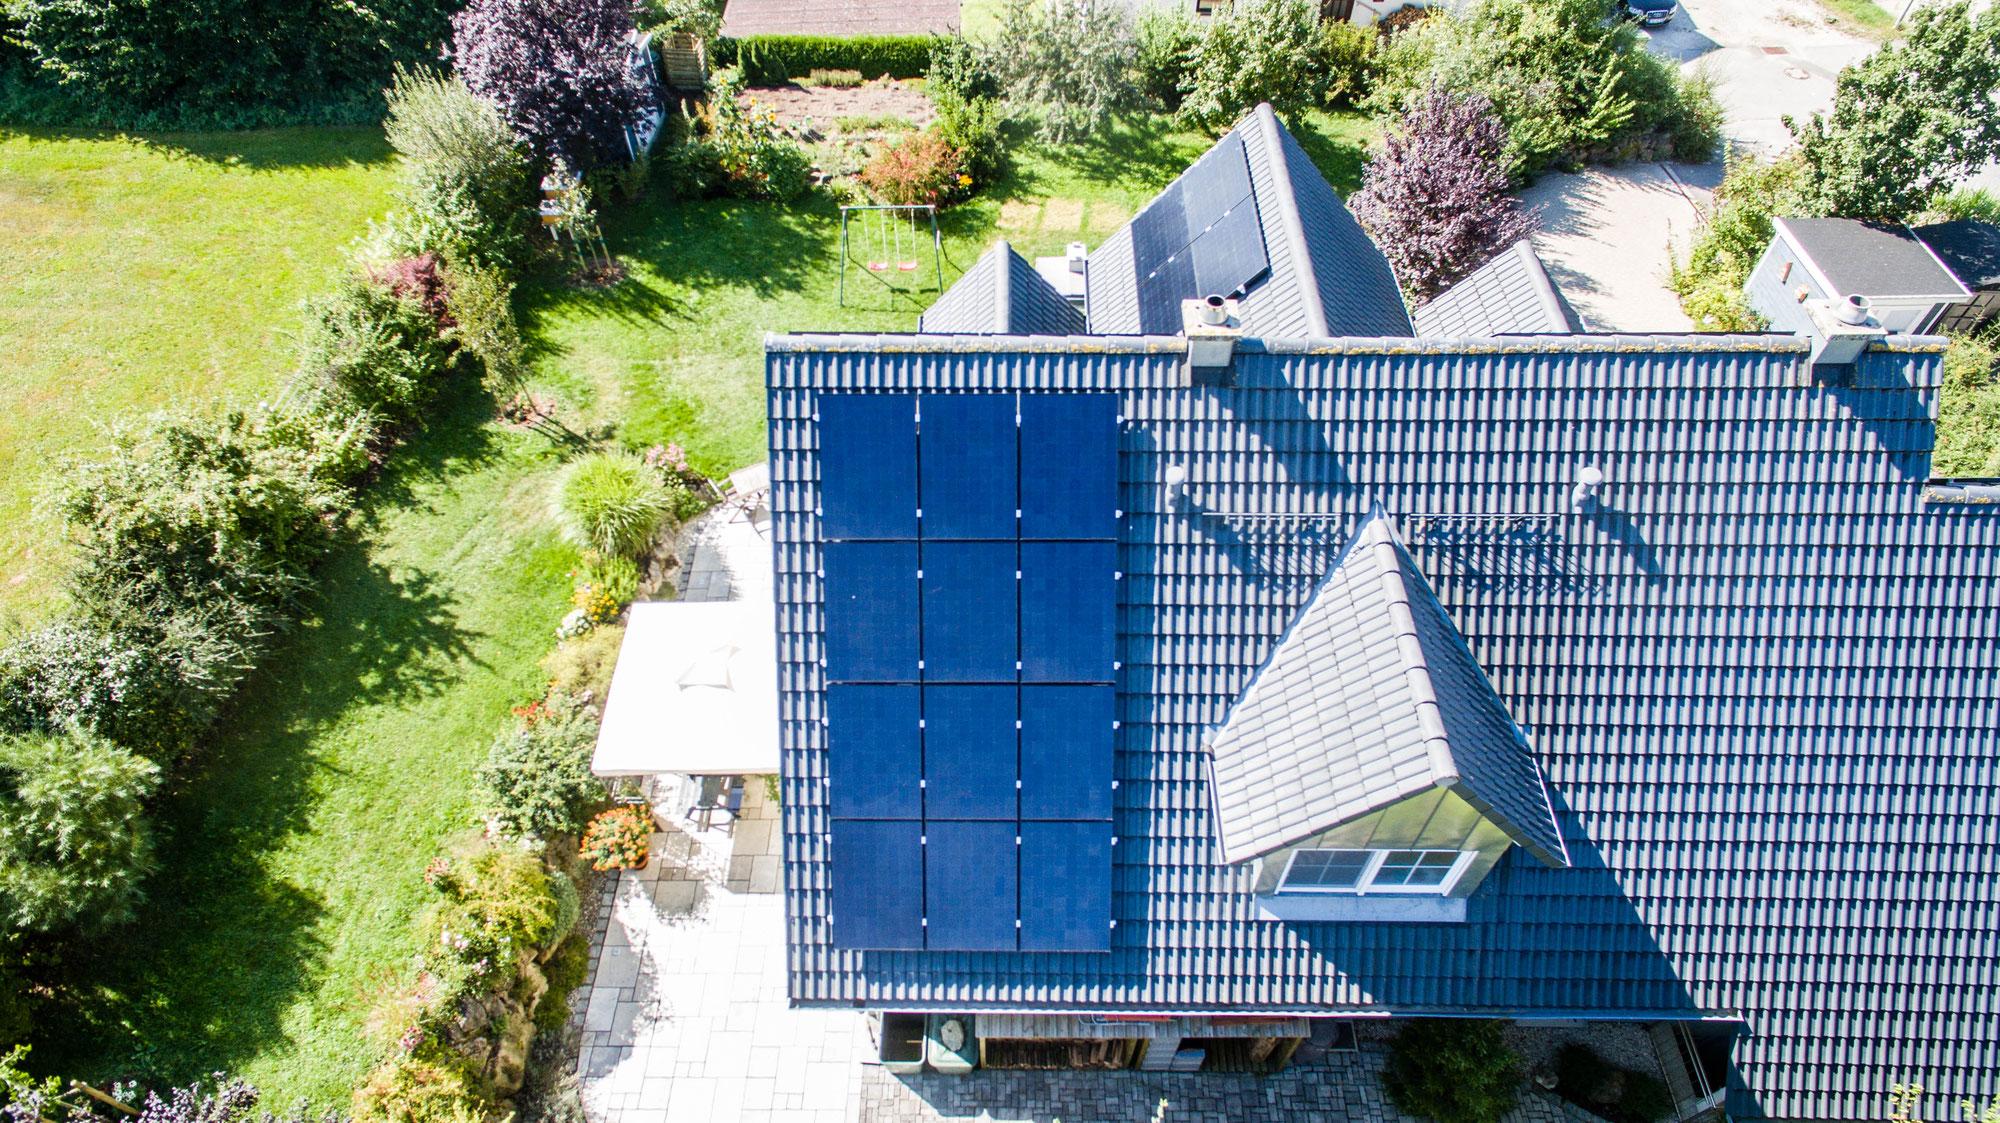 Solarinitiative Nürnberg